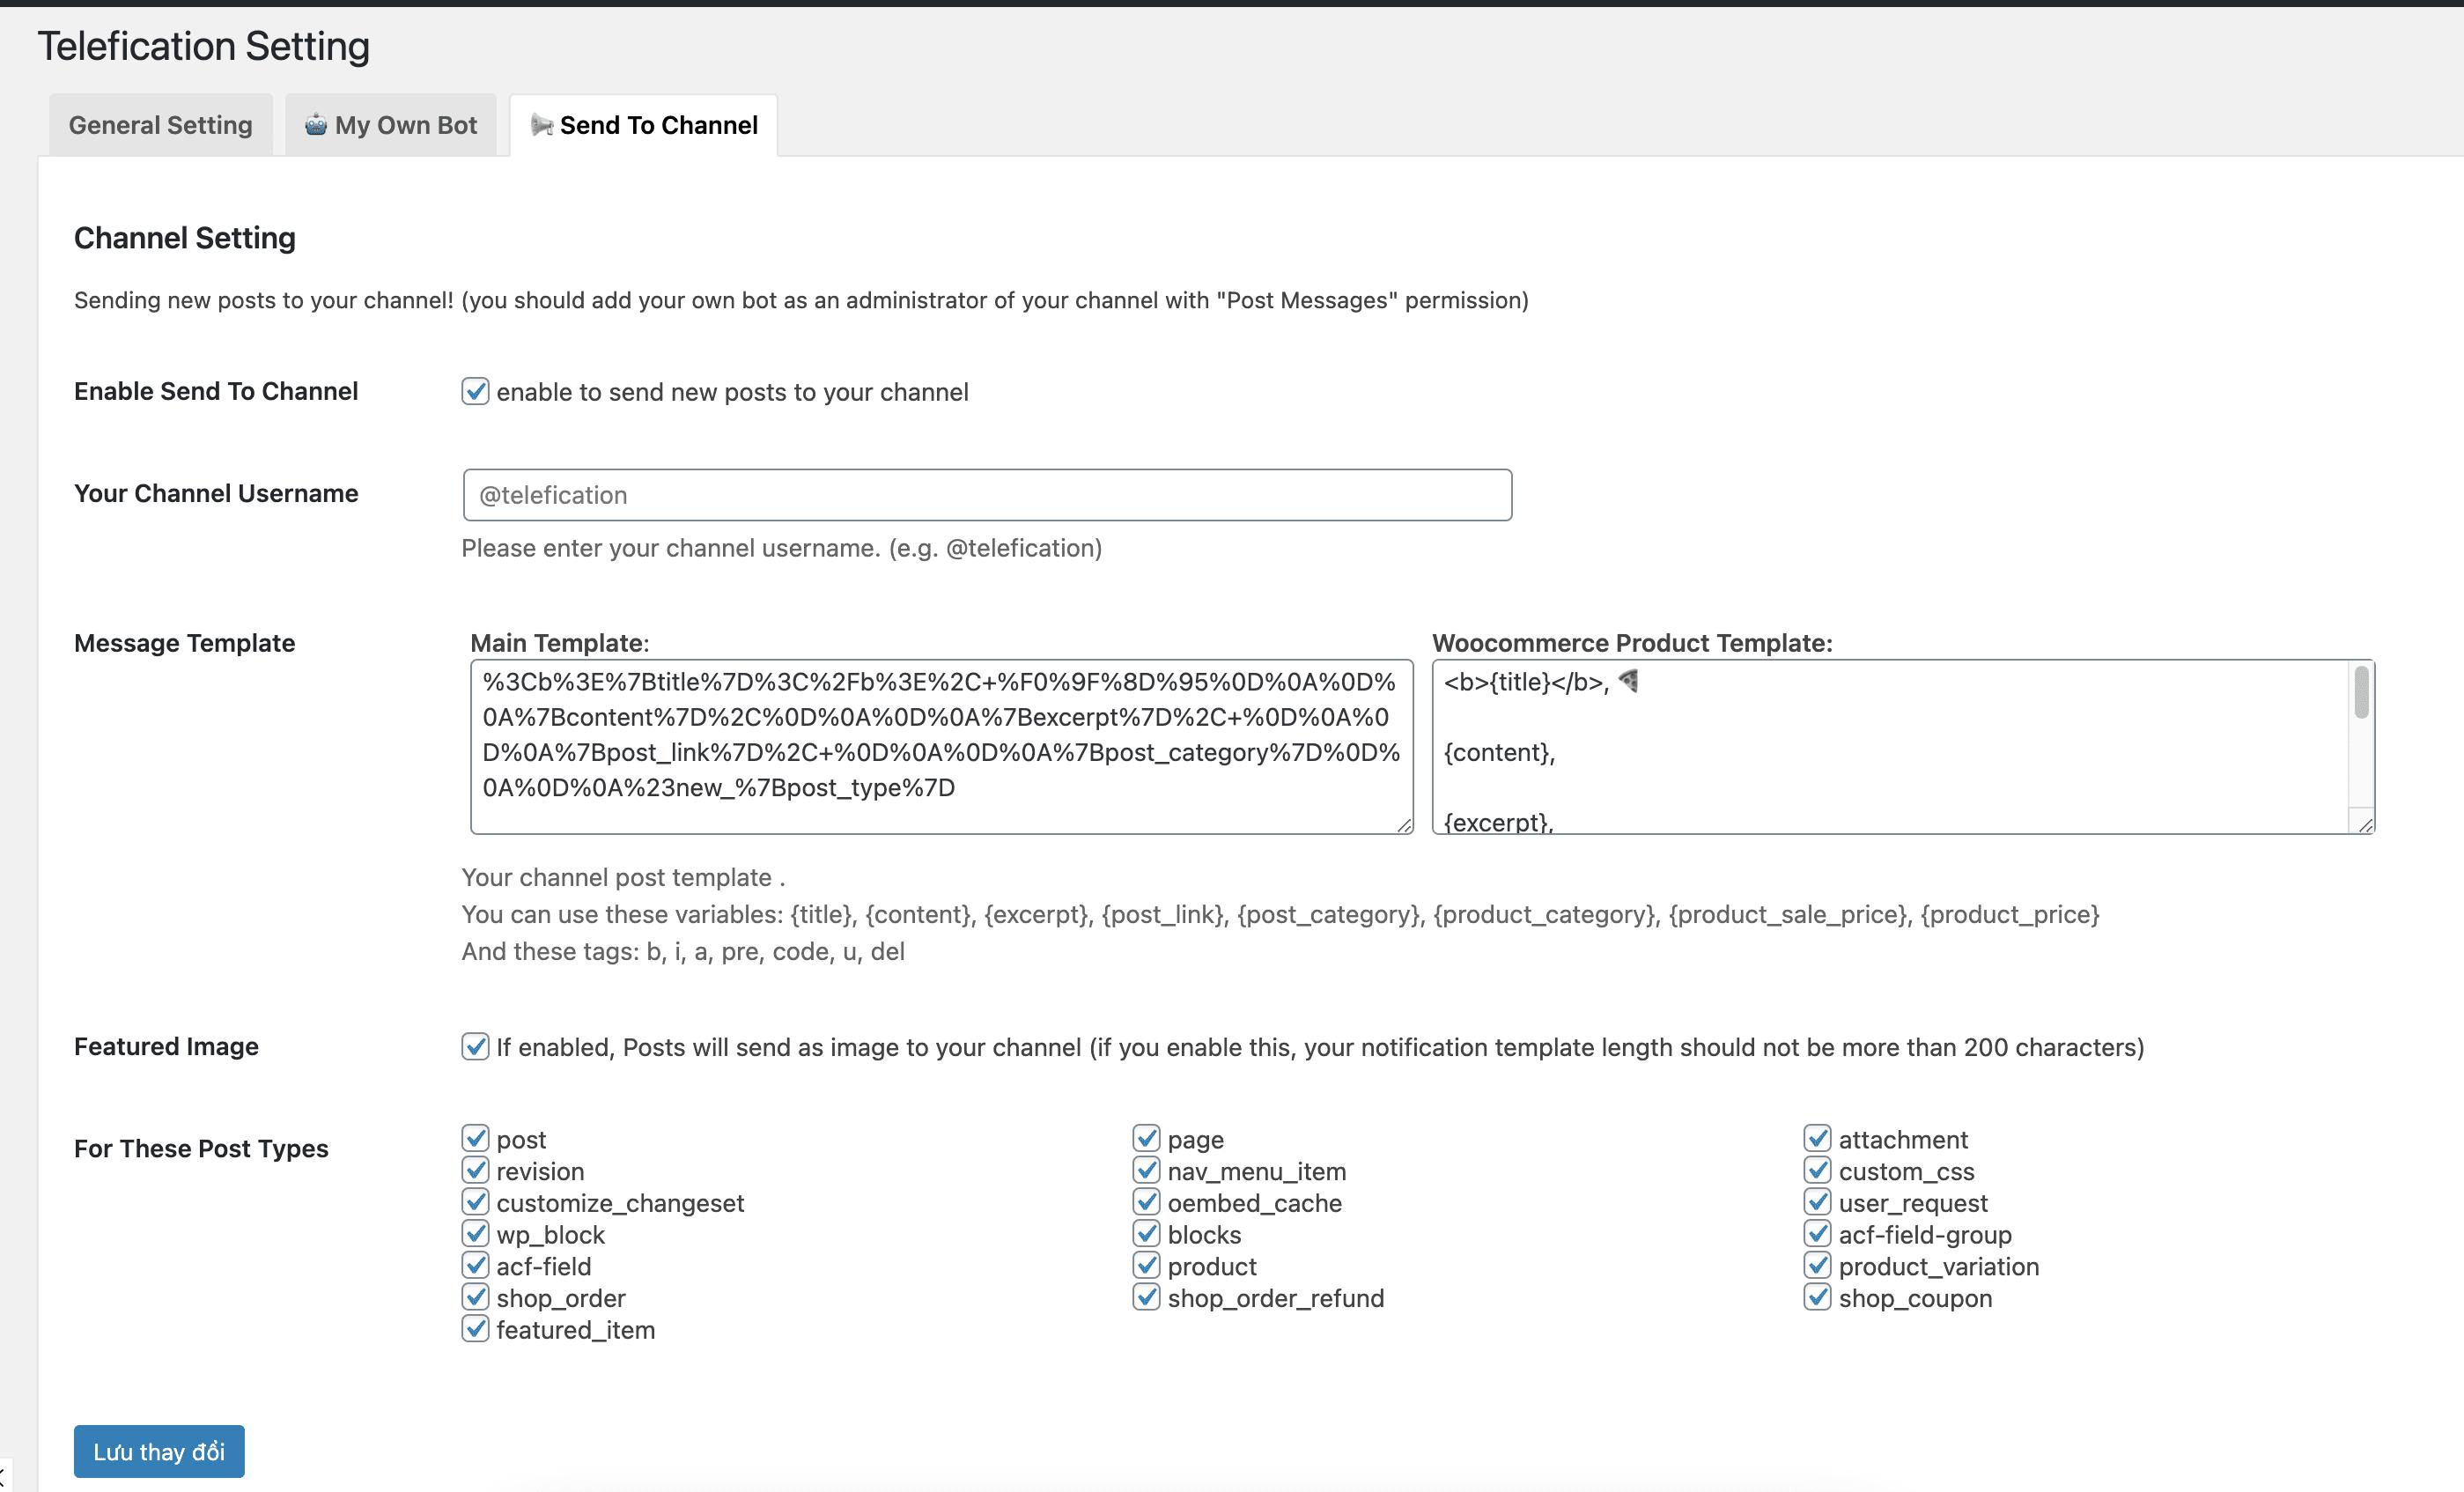 thông báo đơn hàng Woocommerce qua ứng dụng Telegram